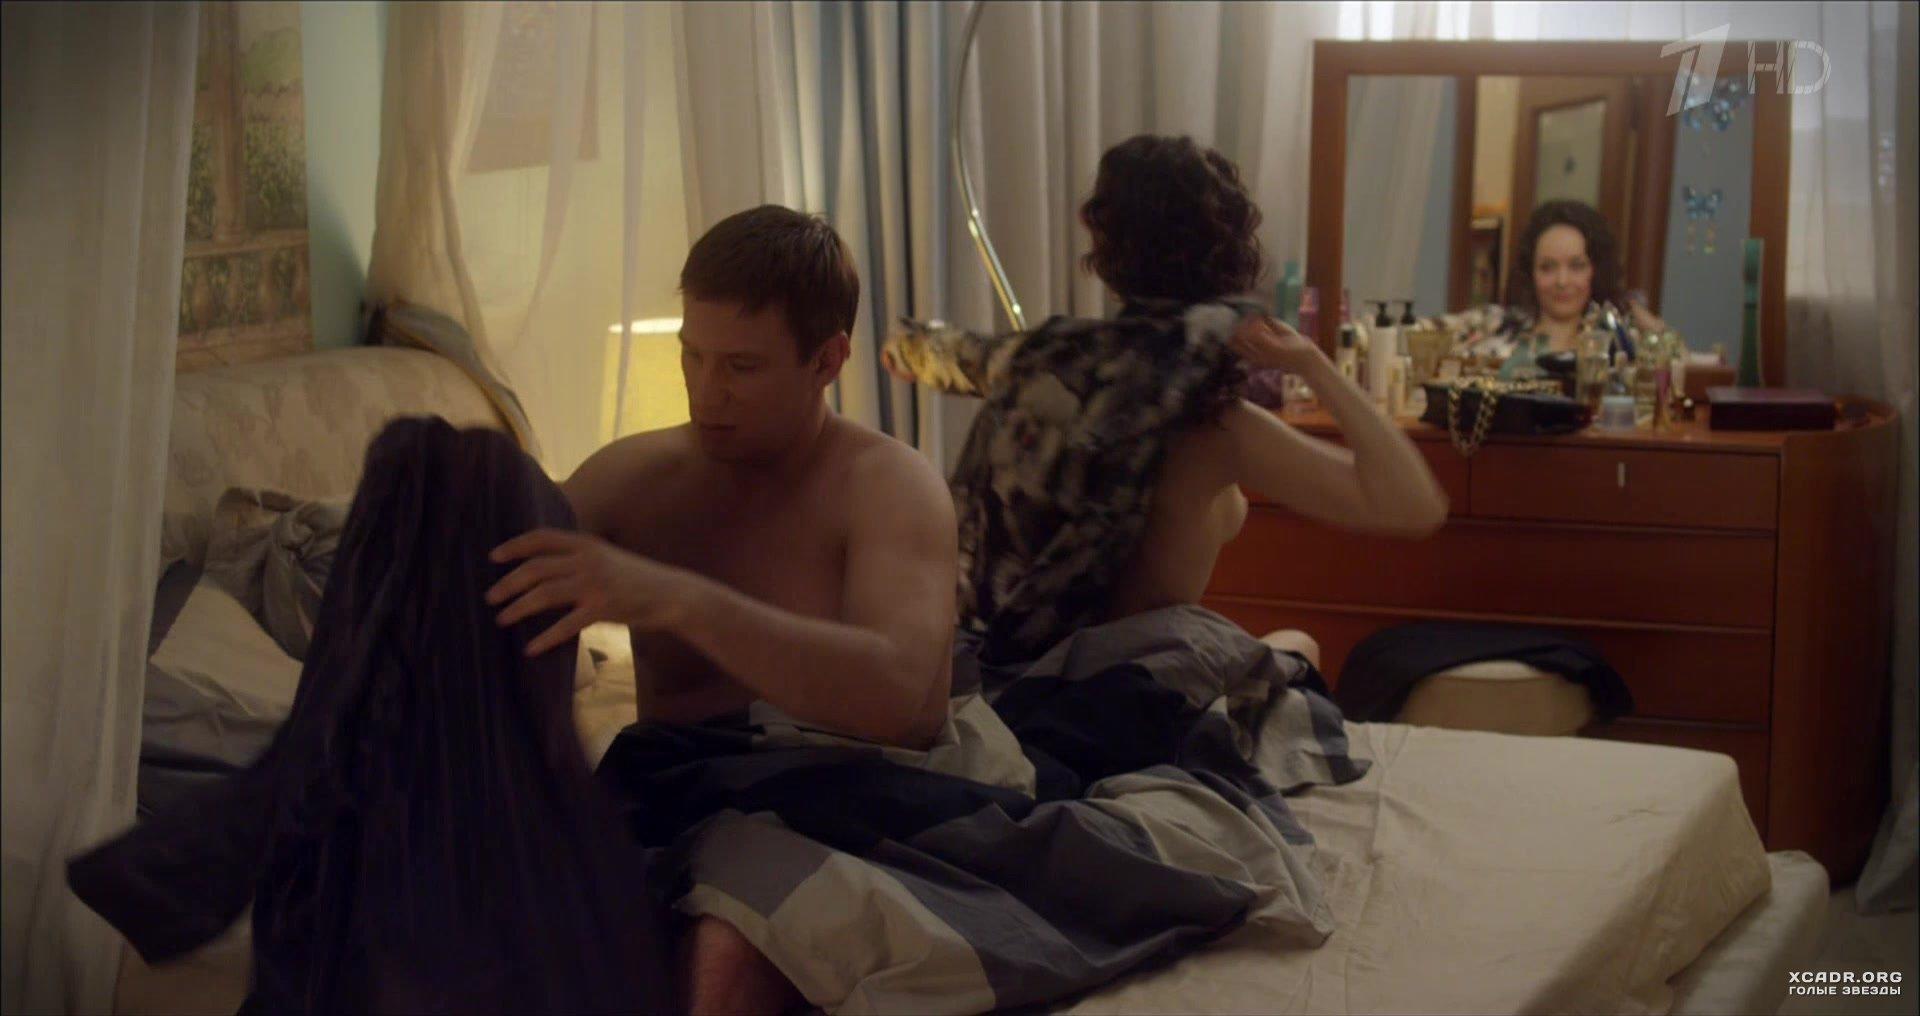 Интересное кино голые актеры кто-нибудь